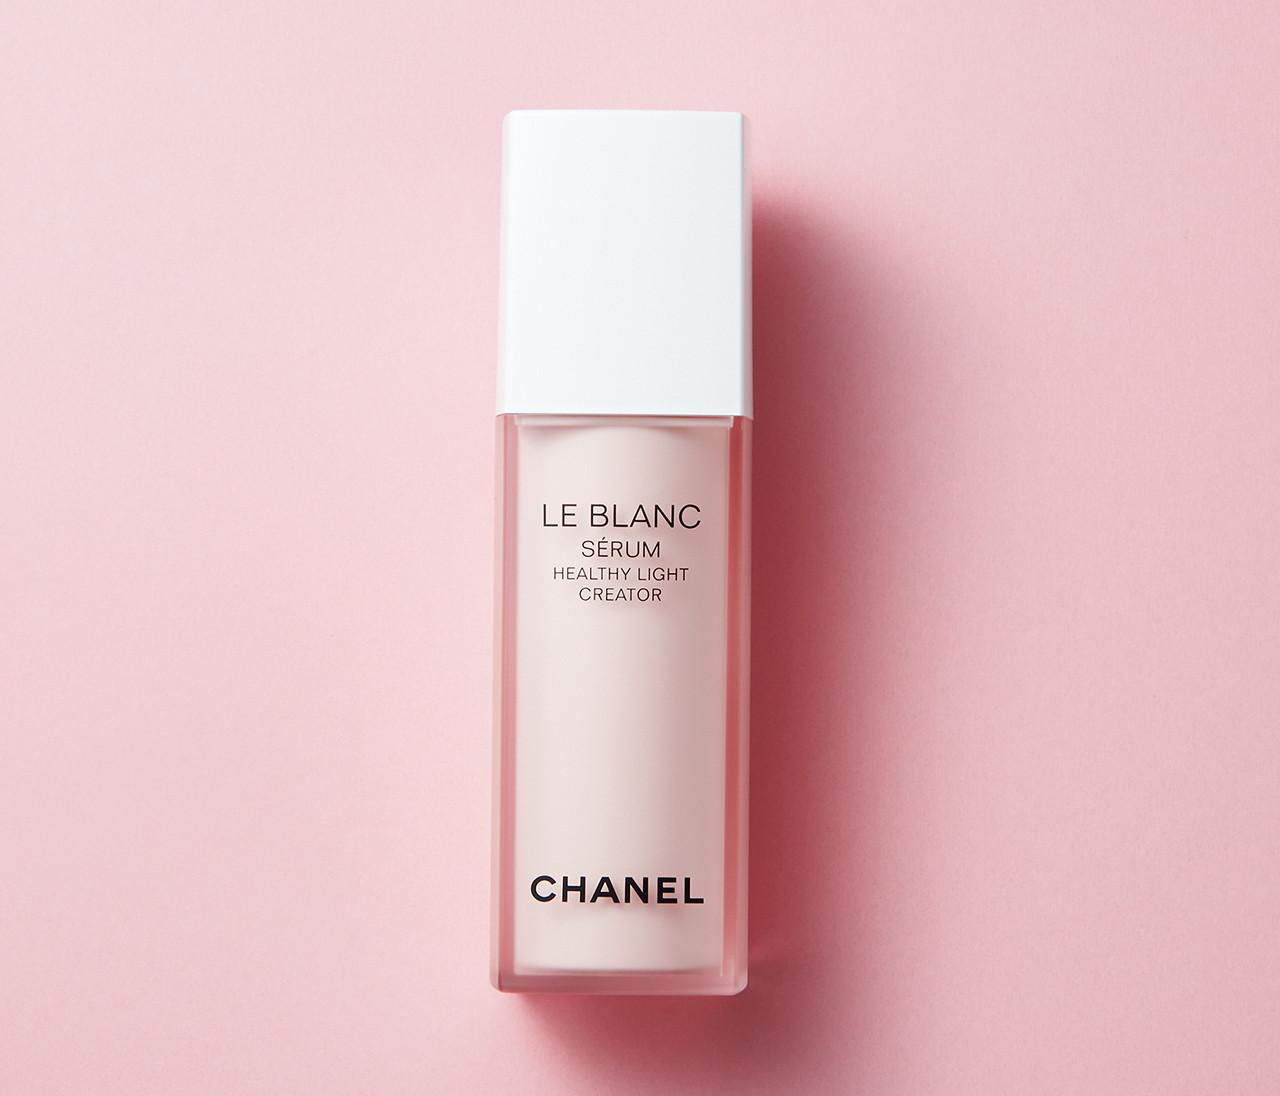 30代女性の透明感肌を叶える<シャネル>の最新美容液が登場!